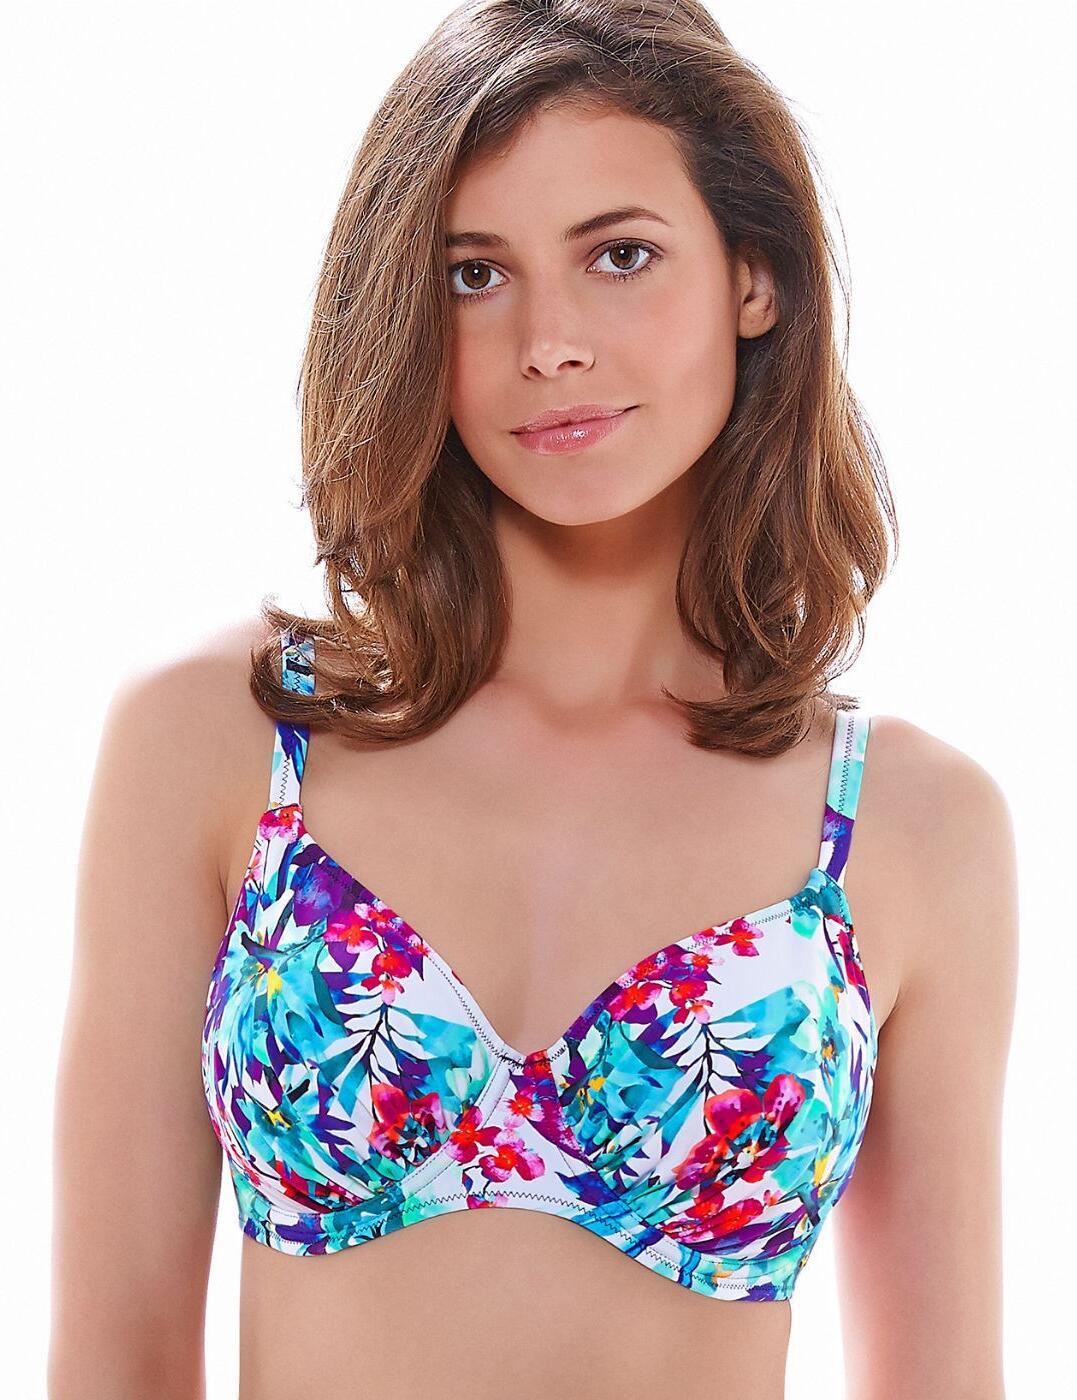 6089 Fantasie Sardinia Gathered Full Cup Bikini Top Multi - 6089 Full Cup Bikini Top